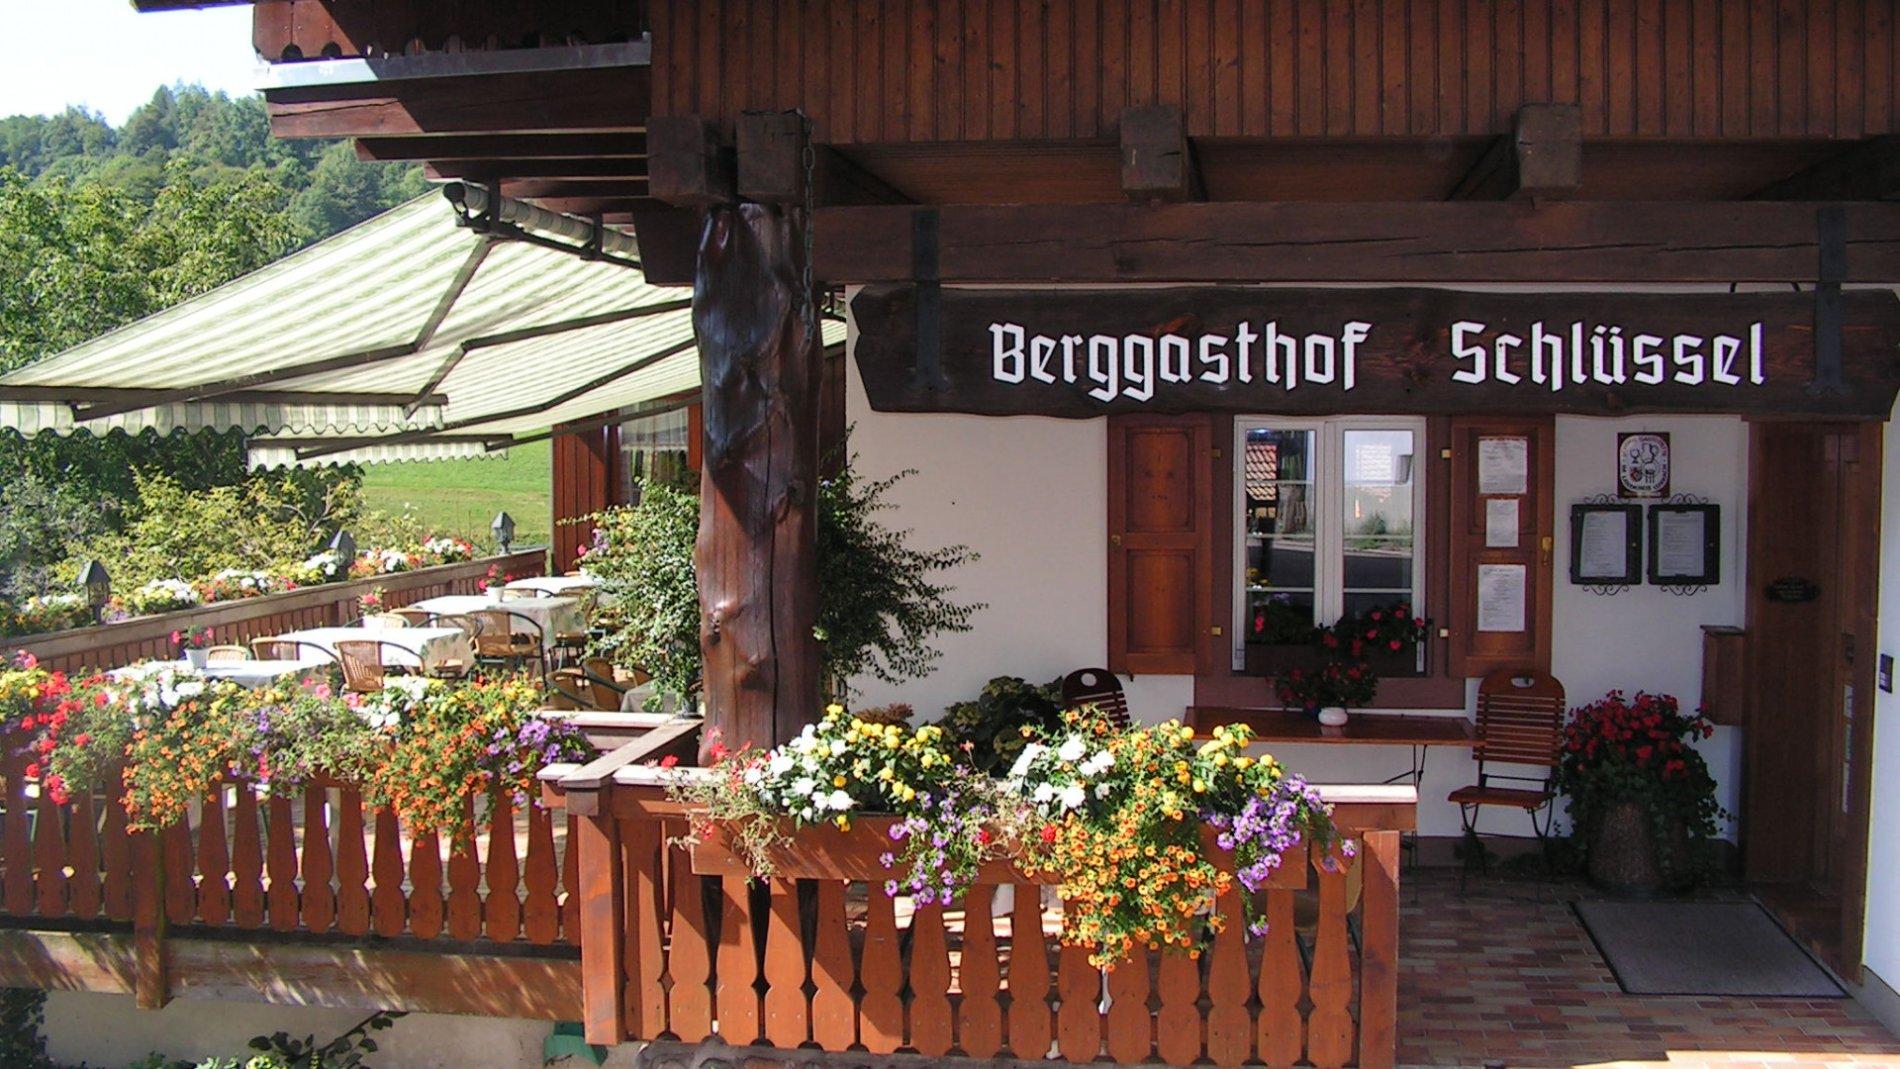 Berggasthof Schlüssel in Zell im Wiesental, Ortsteil Pfaffenberg